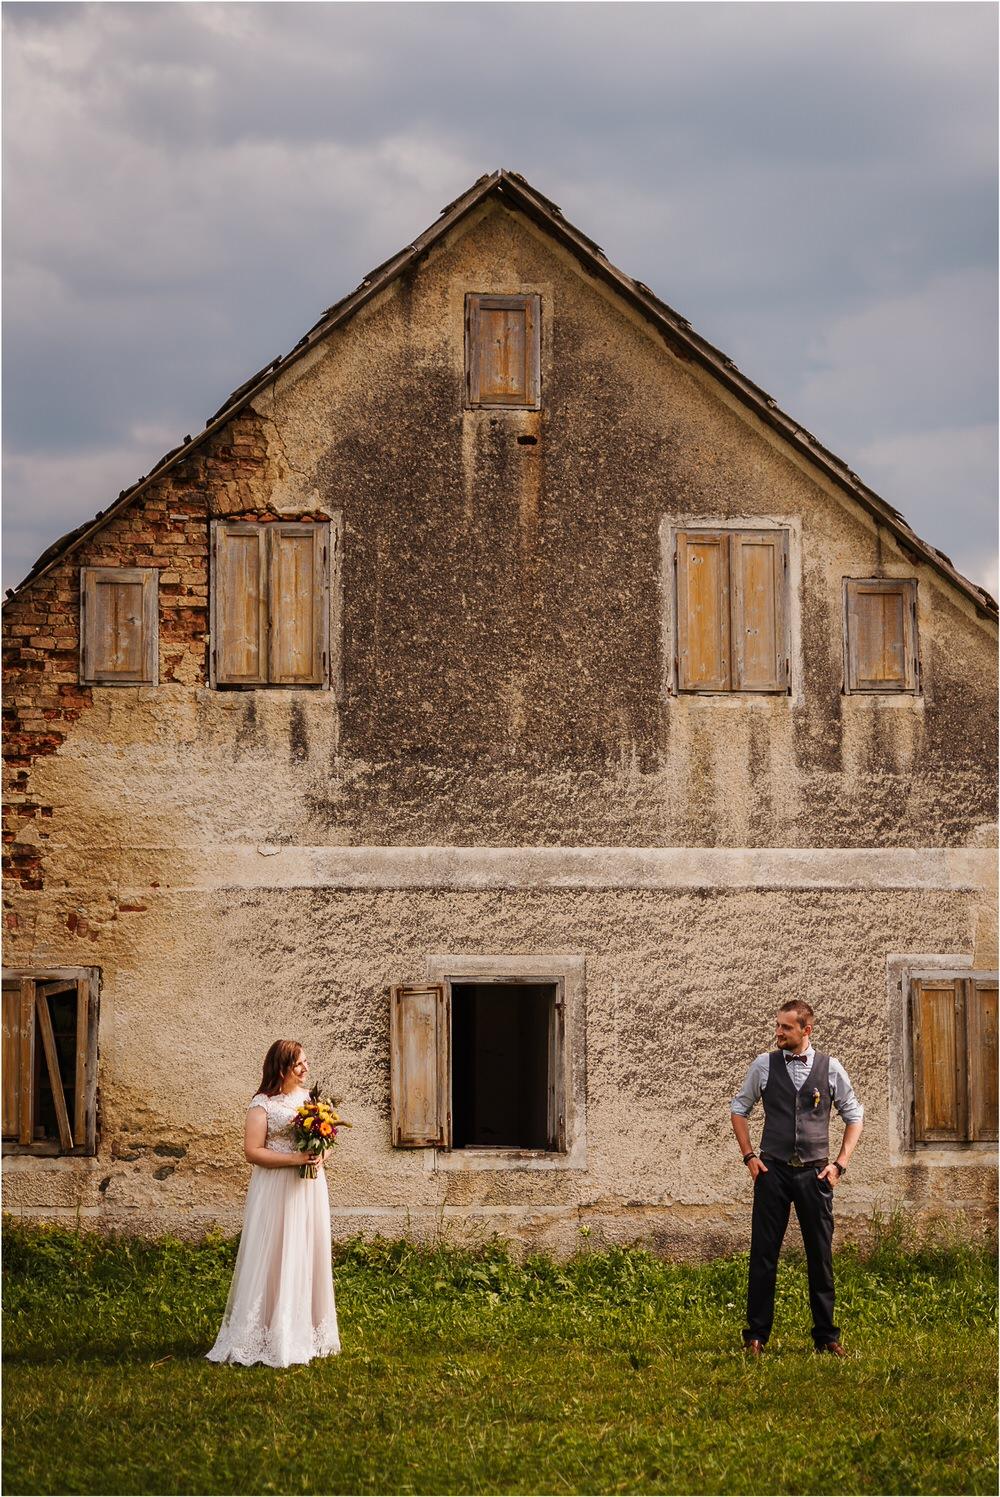 goriska brda poroka fotgorafija fotograf fotografiranje porocno kras primorska obala romanticna boho poroka rustikalna nika grega 0062.jpg